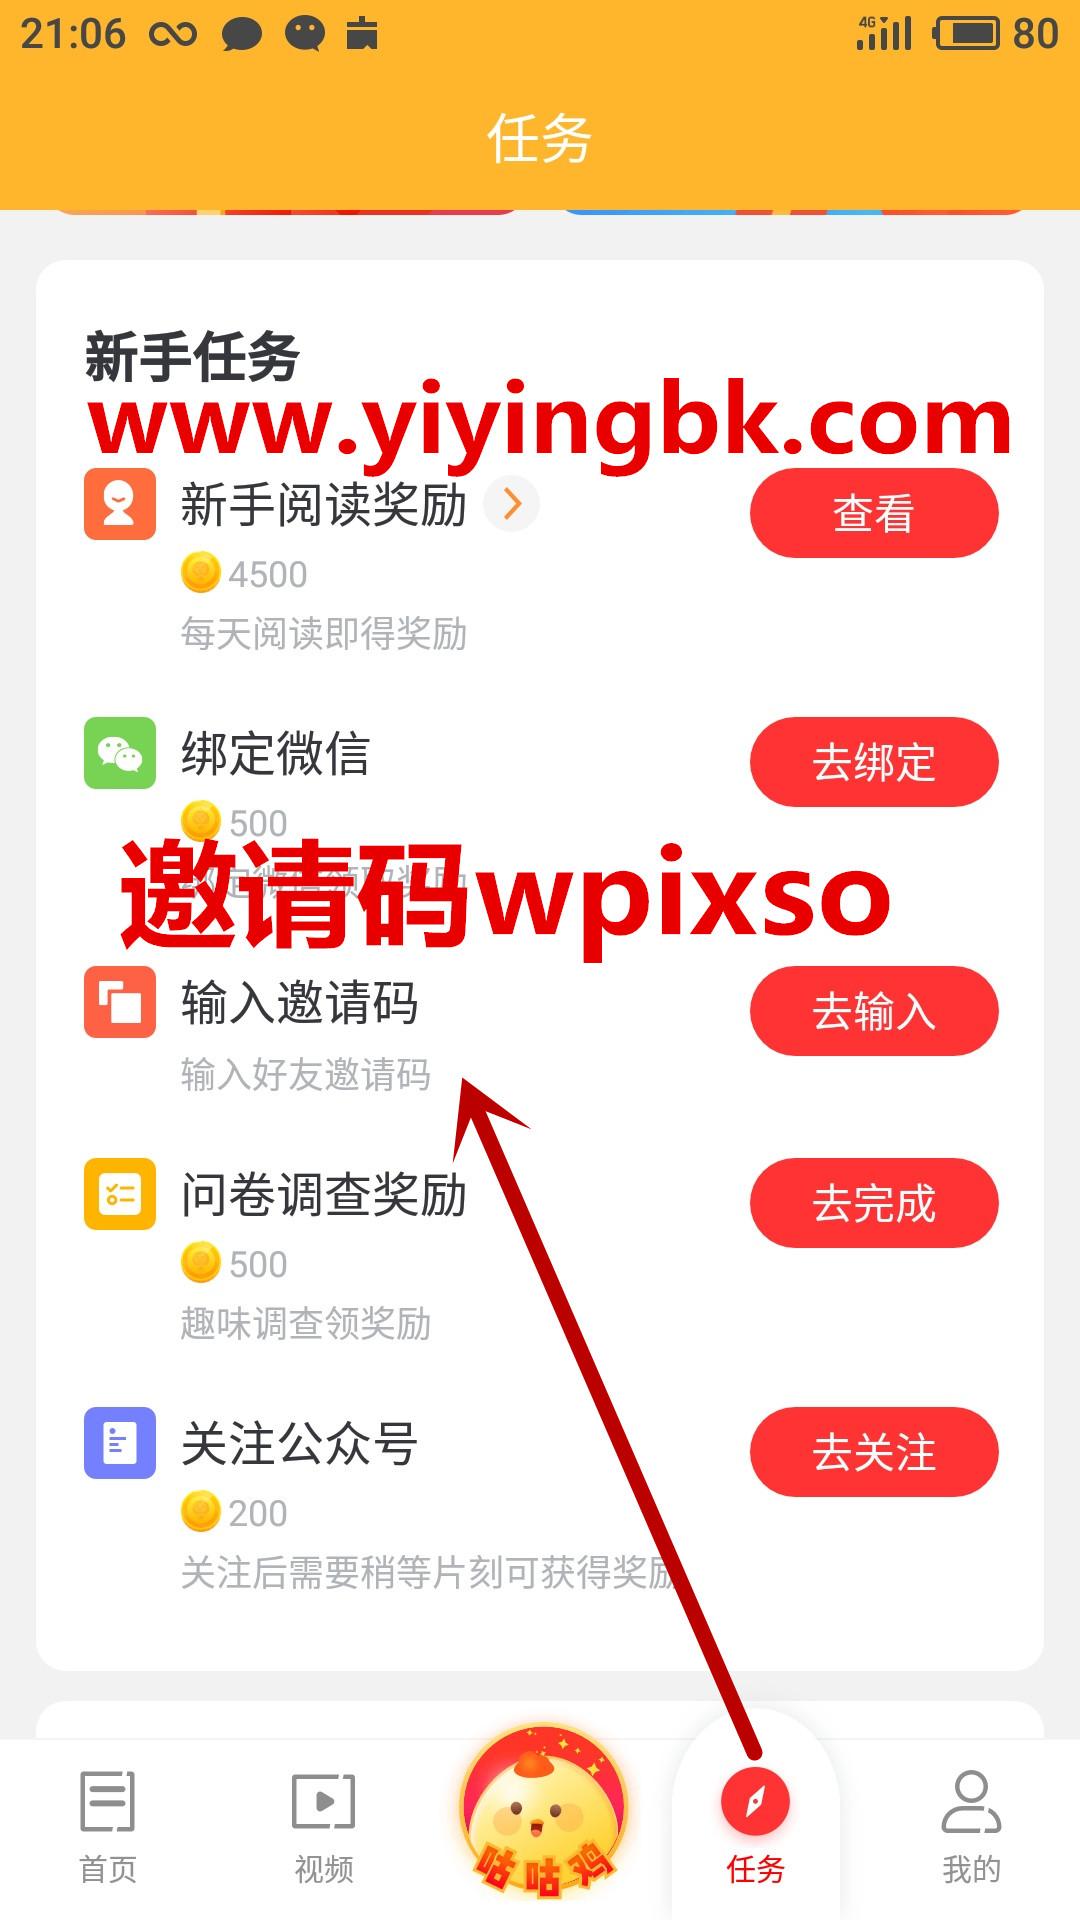 爱上头条app邀请码wpixso领取红包奖励